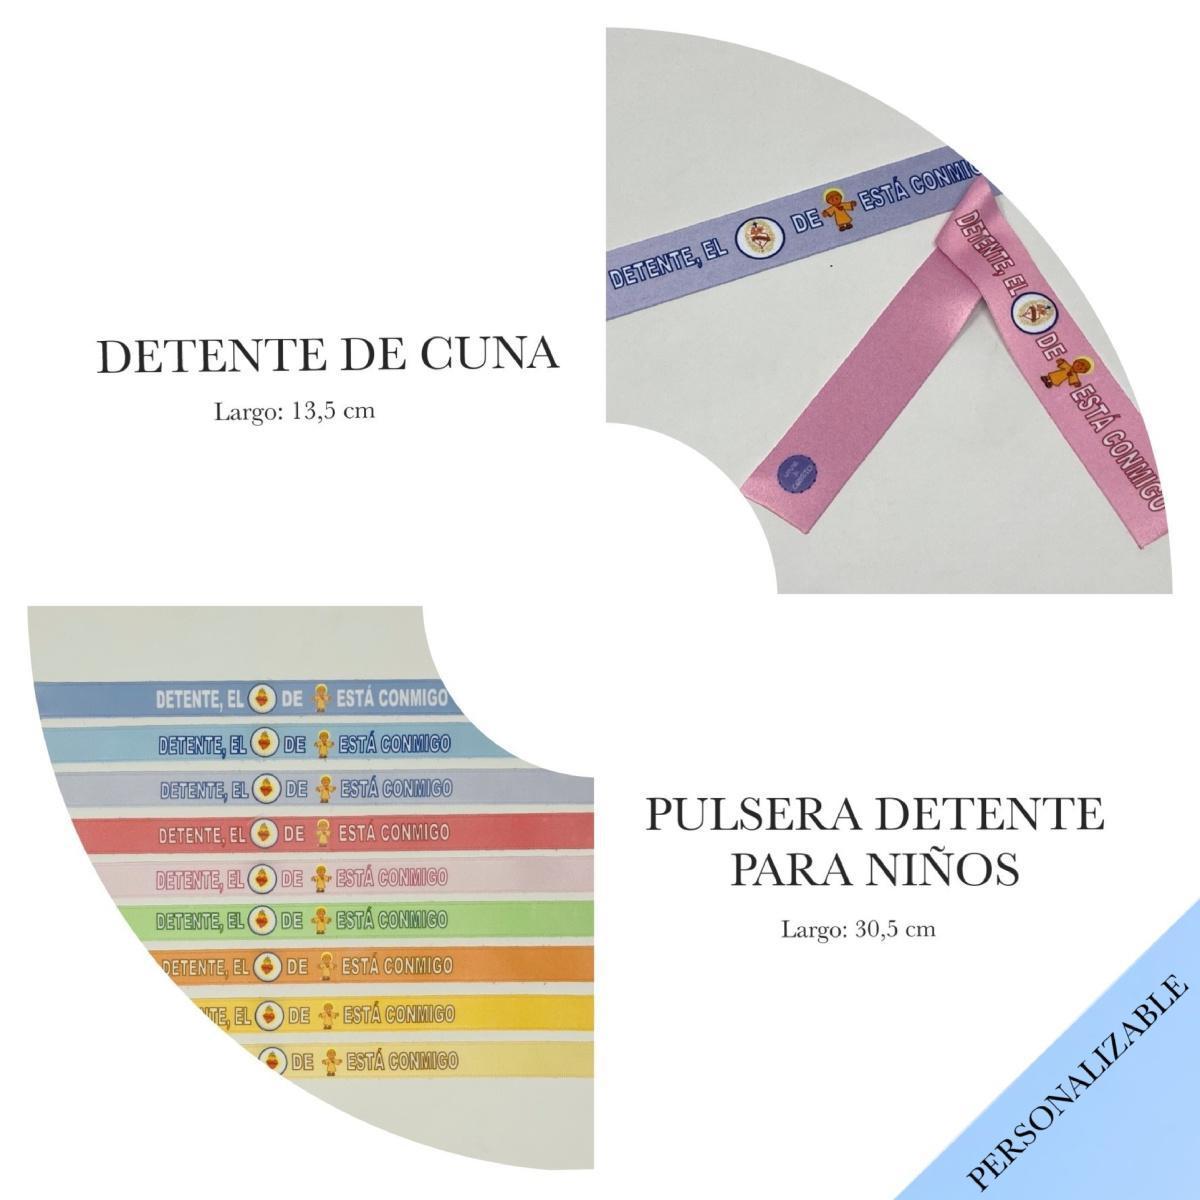 Catálogo Detente